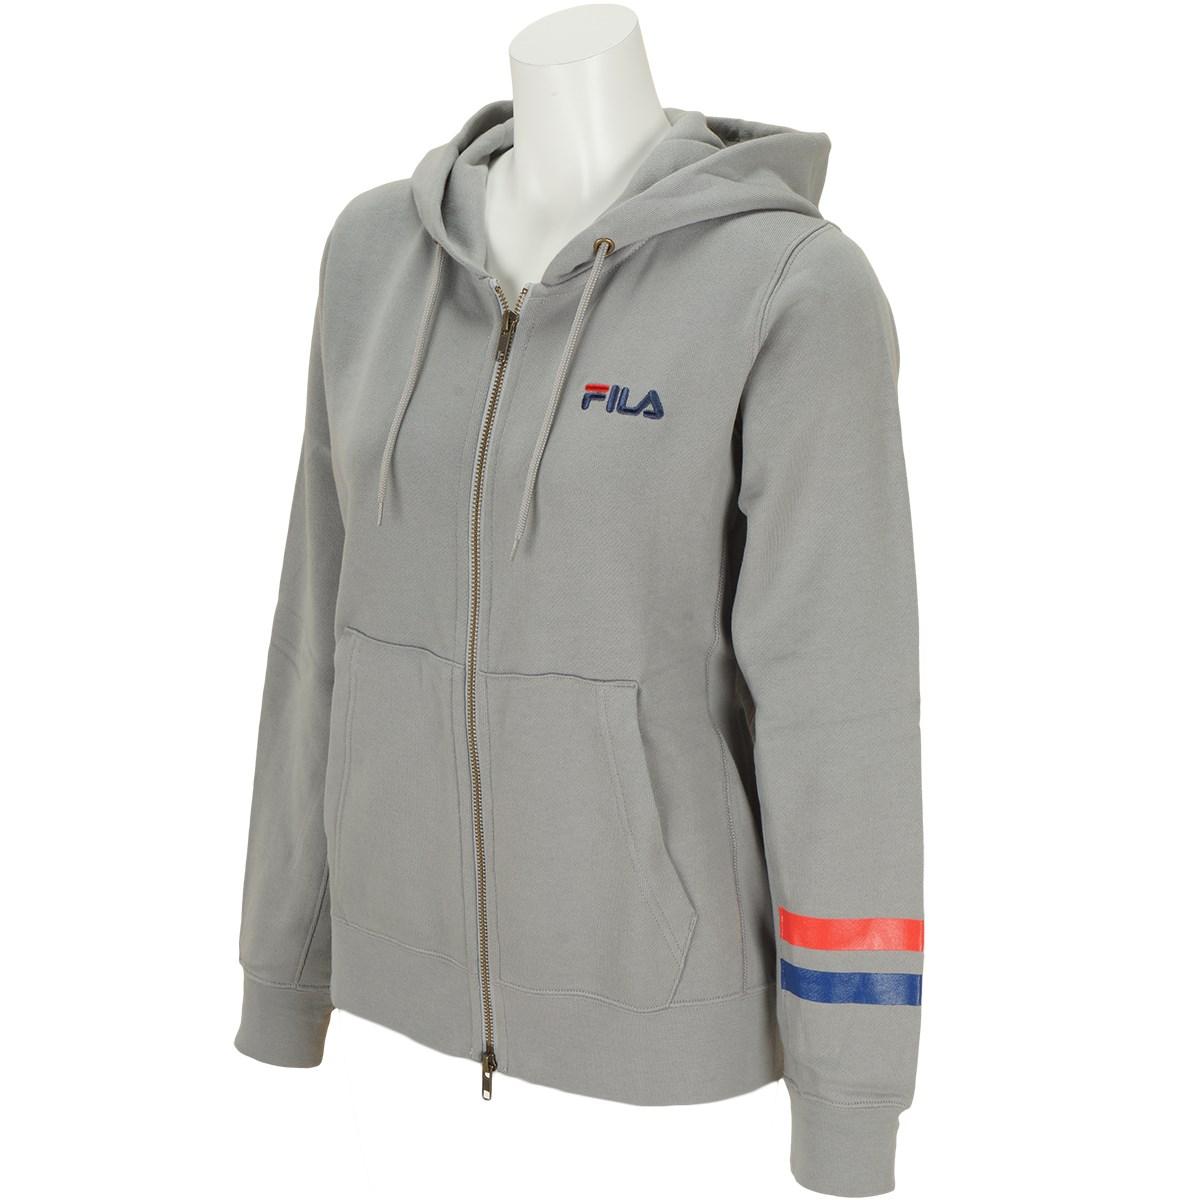 9f04f1de27a フィラ(FILA) パーカー レディースパーカー・トレーナー - 価格.com